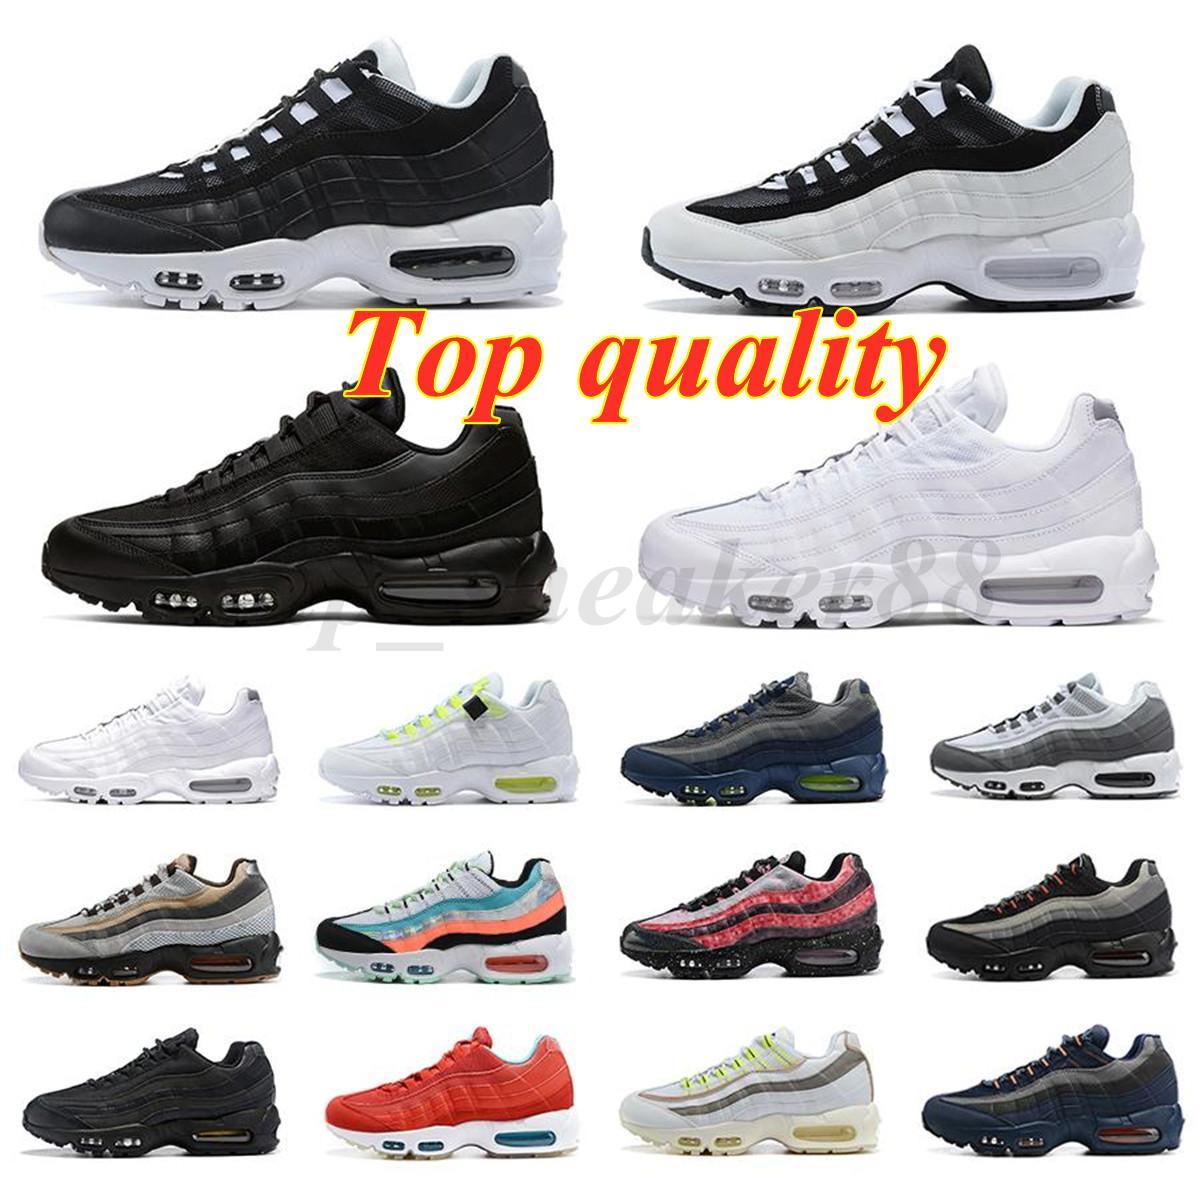 2021 uomini scarpe da corsa in tutto il mondo pack yin yang yang triplo nero bianco neon moda piattaforma all'aperto mens da donna formatori scarpe da ginnastica sportiva